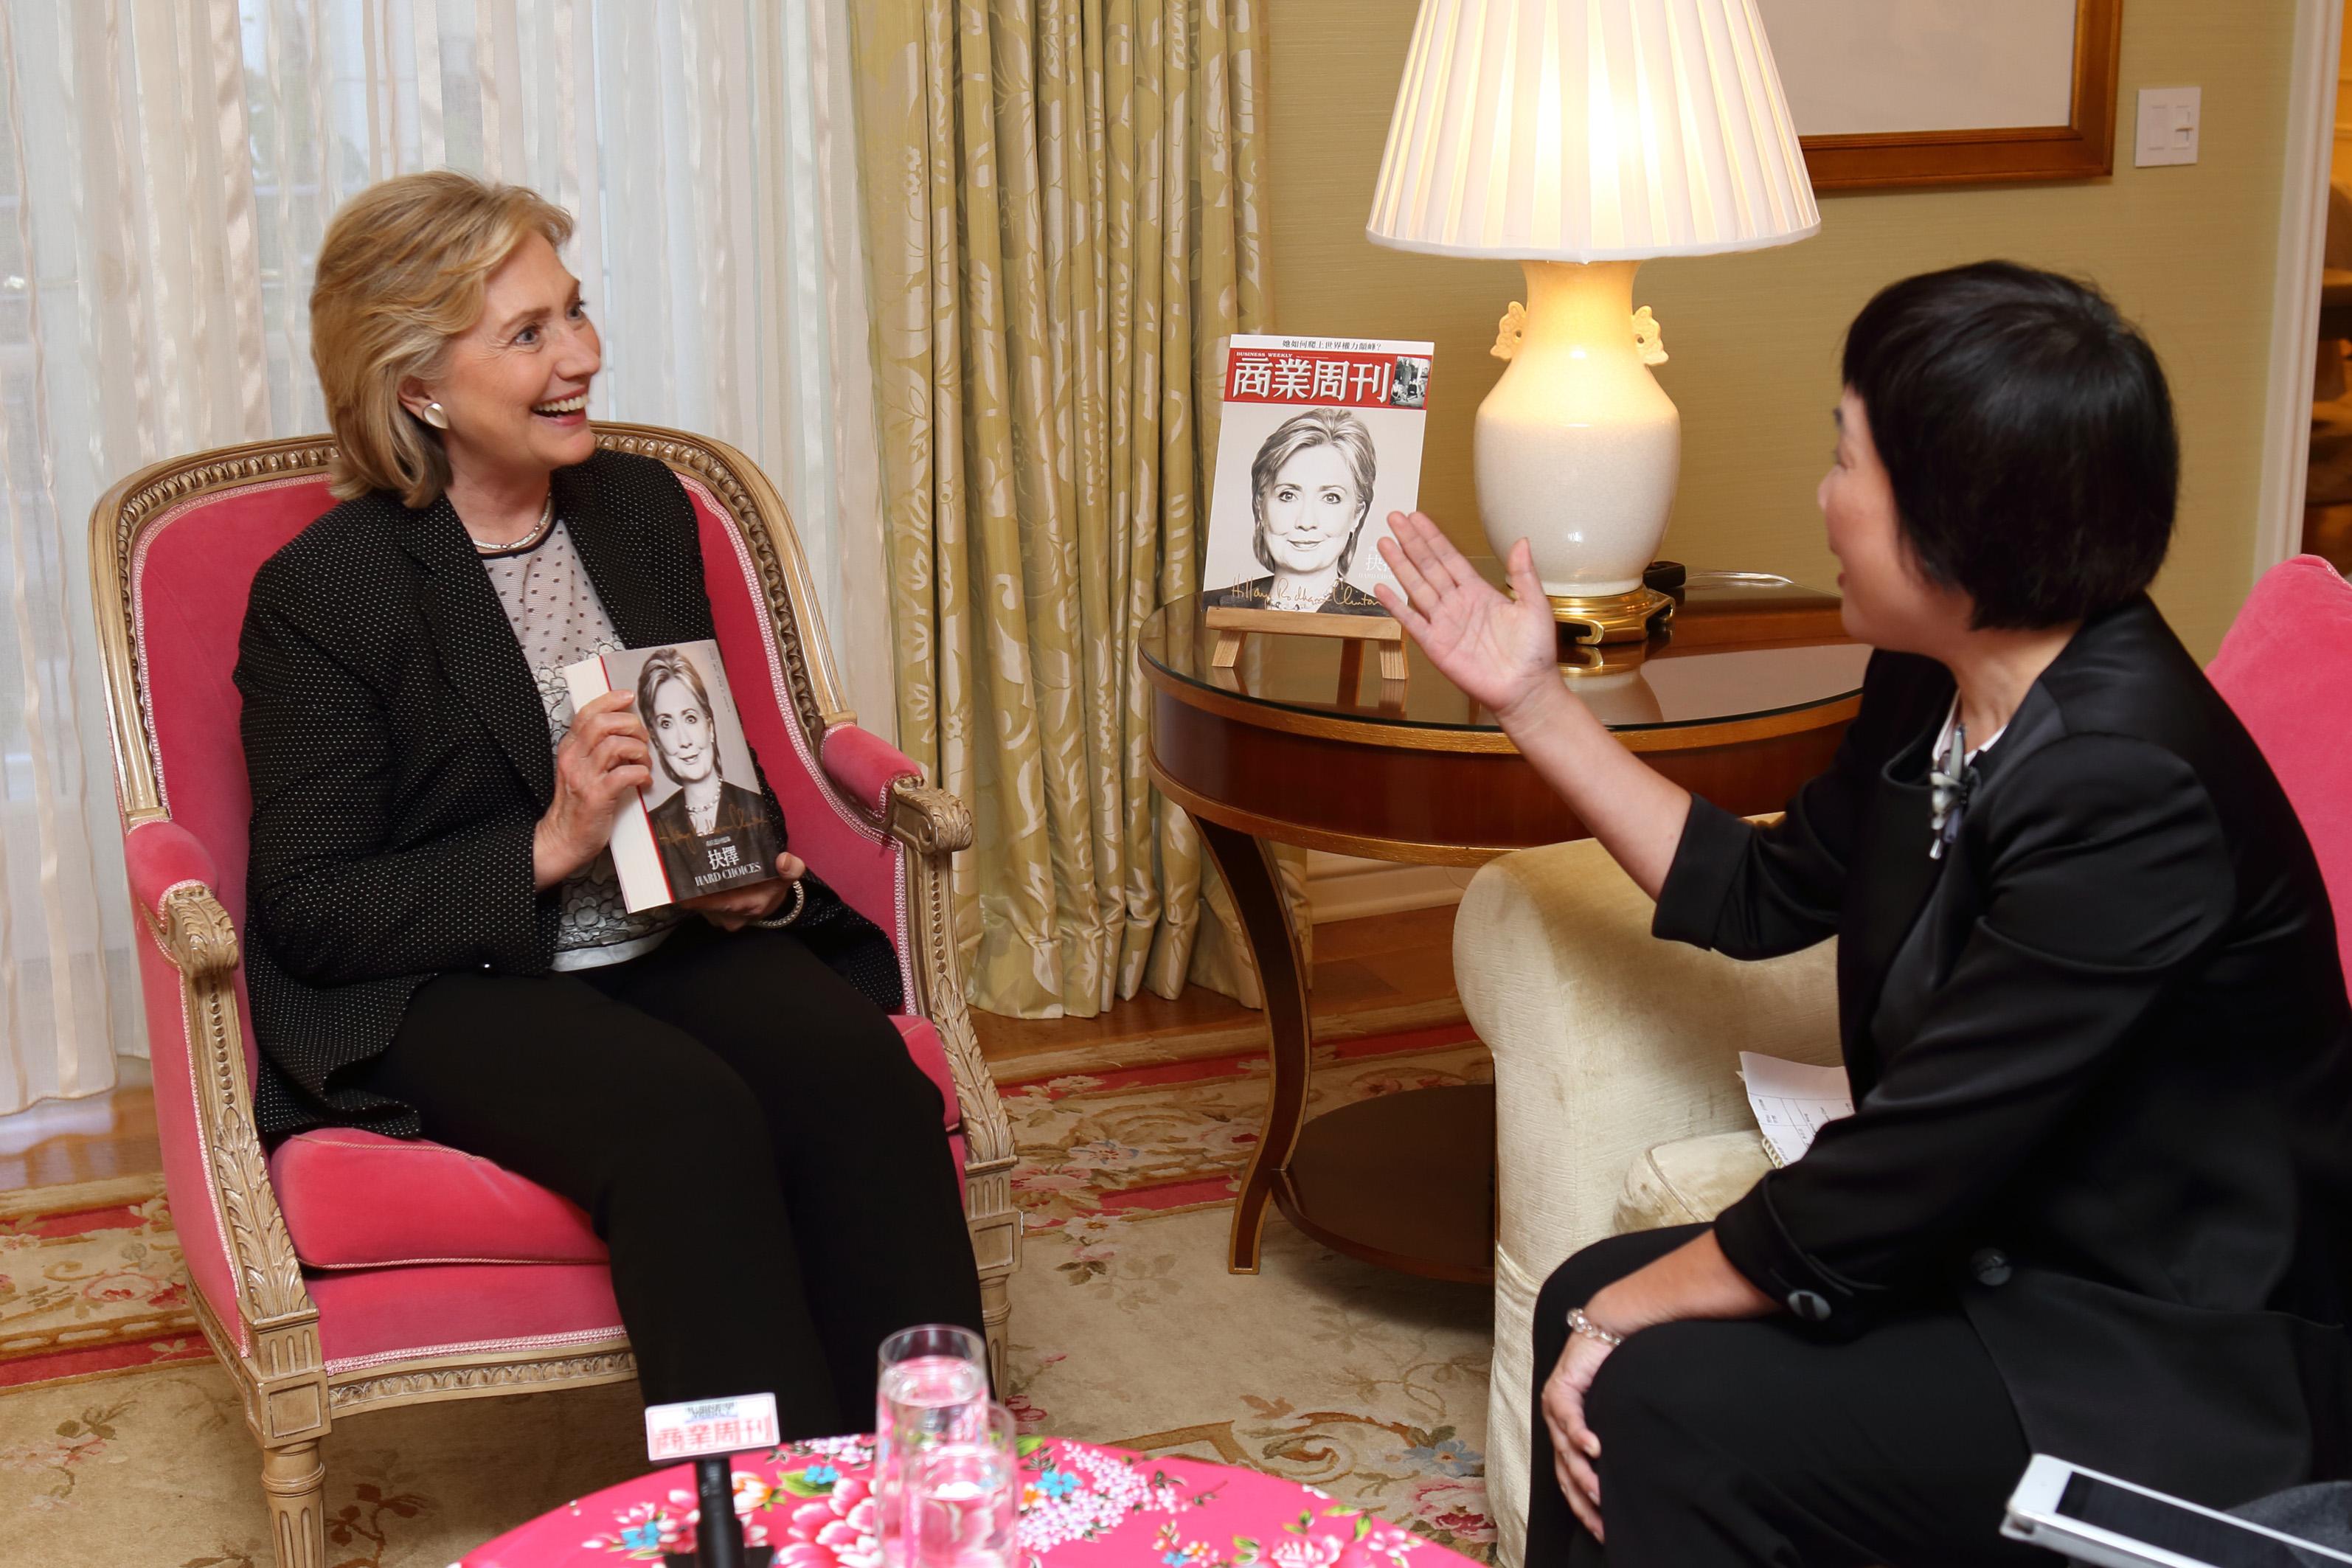 《商業周刊》專訪 希拉蕊:台灣太依賴中國,會變得脆弱